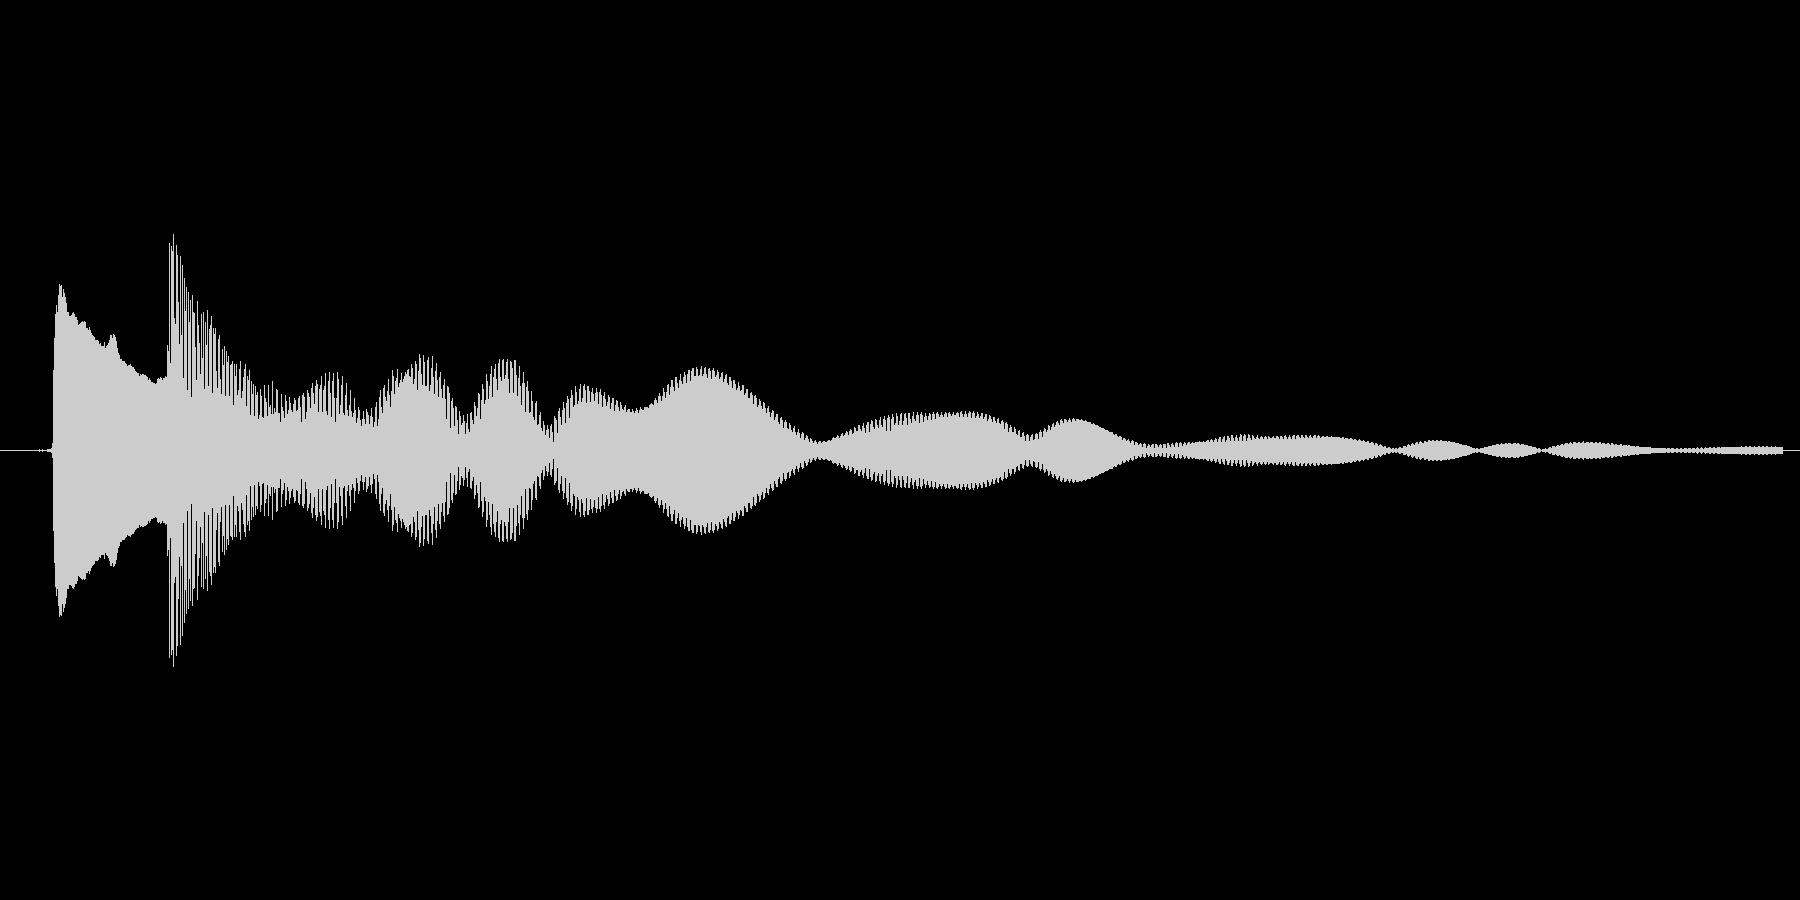 ゲーム、クイズ(ピンポン音)_002の未再生の波形